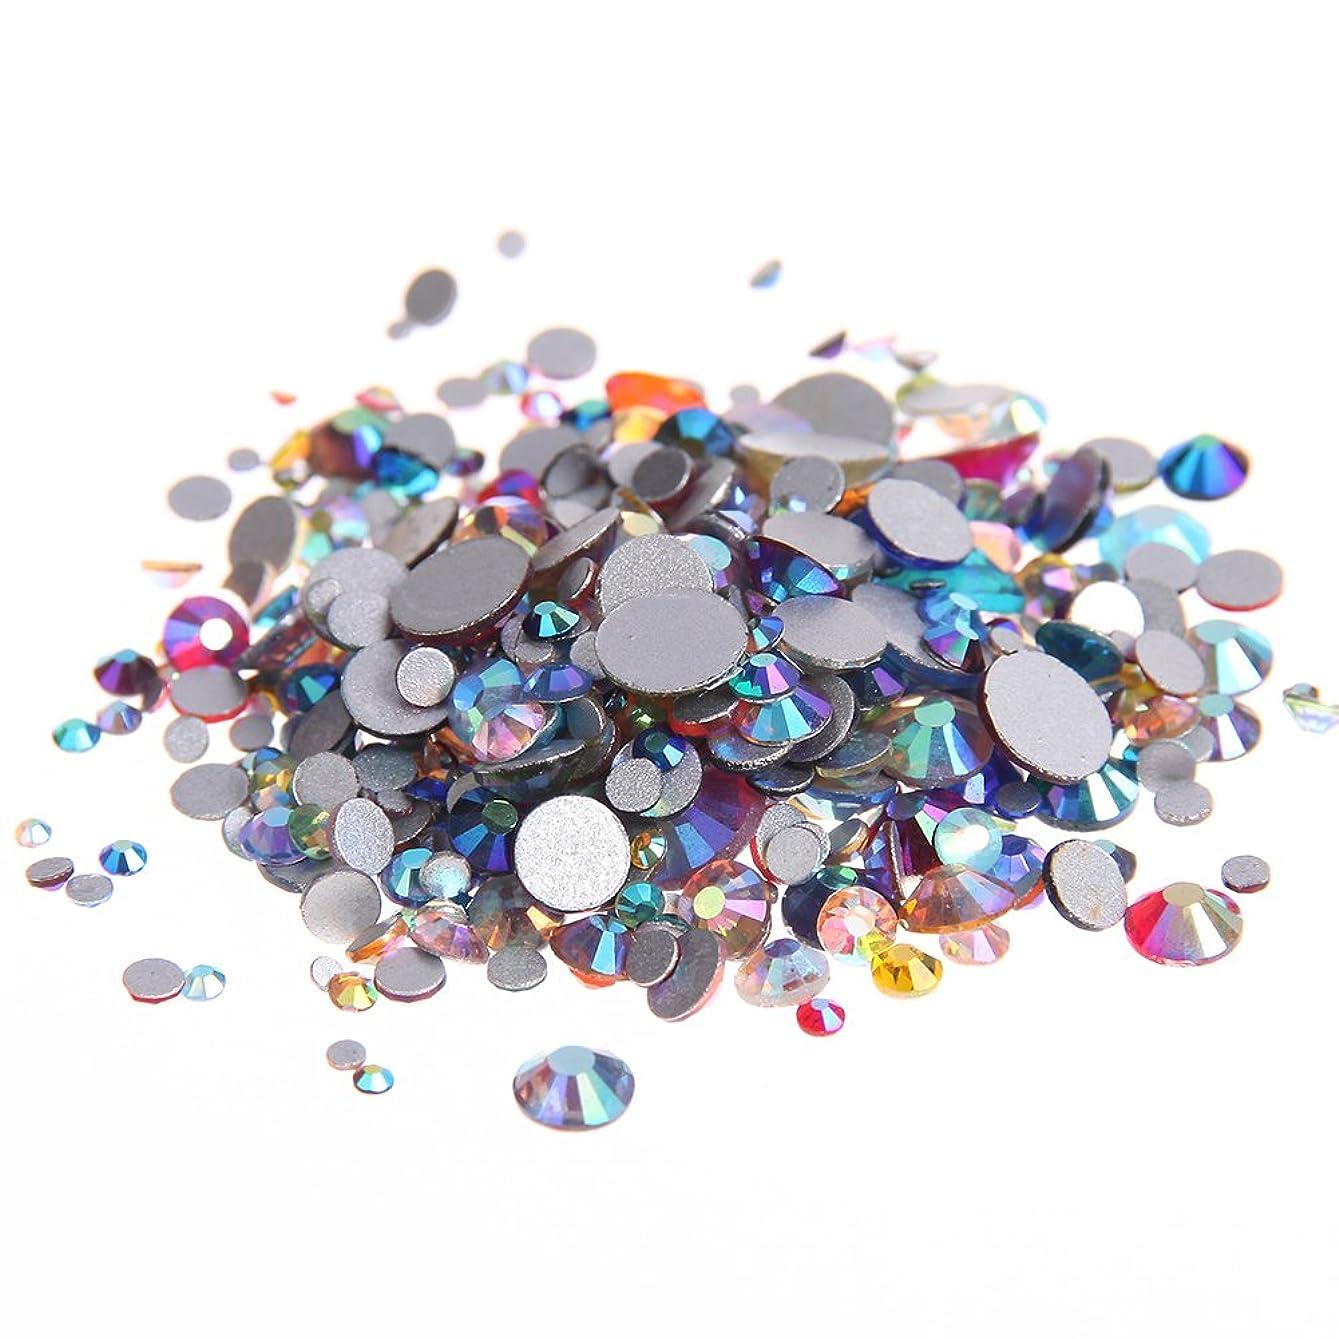 飲み込むオープニング告発Nizi ジュエリー ブランド 混合ABの色 ラインストーン はガラスの材質 ネイル使用 型番ss3-ss30 (混合サイズ 1000pcs)